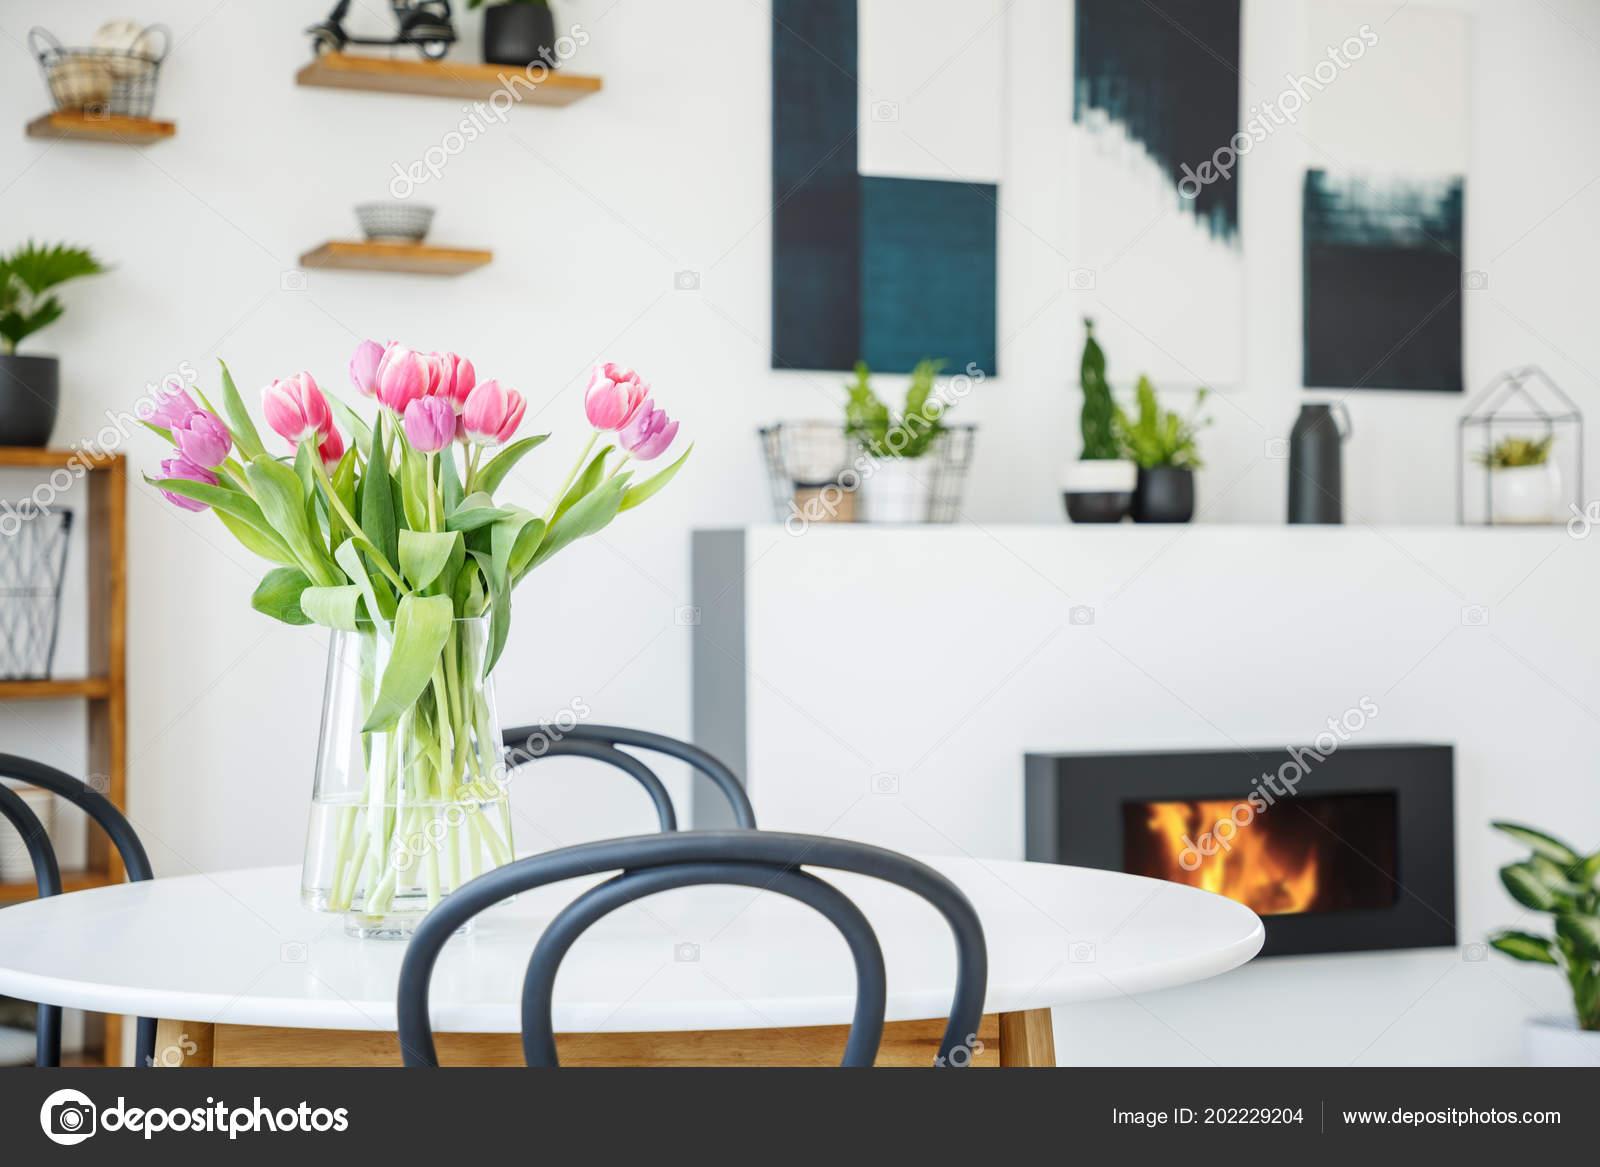 Roze tulpen eettafel witte kamer interieur met planten posters